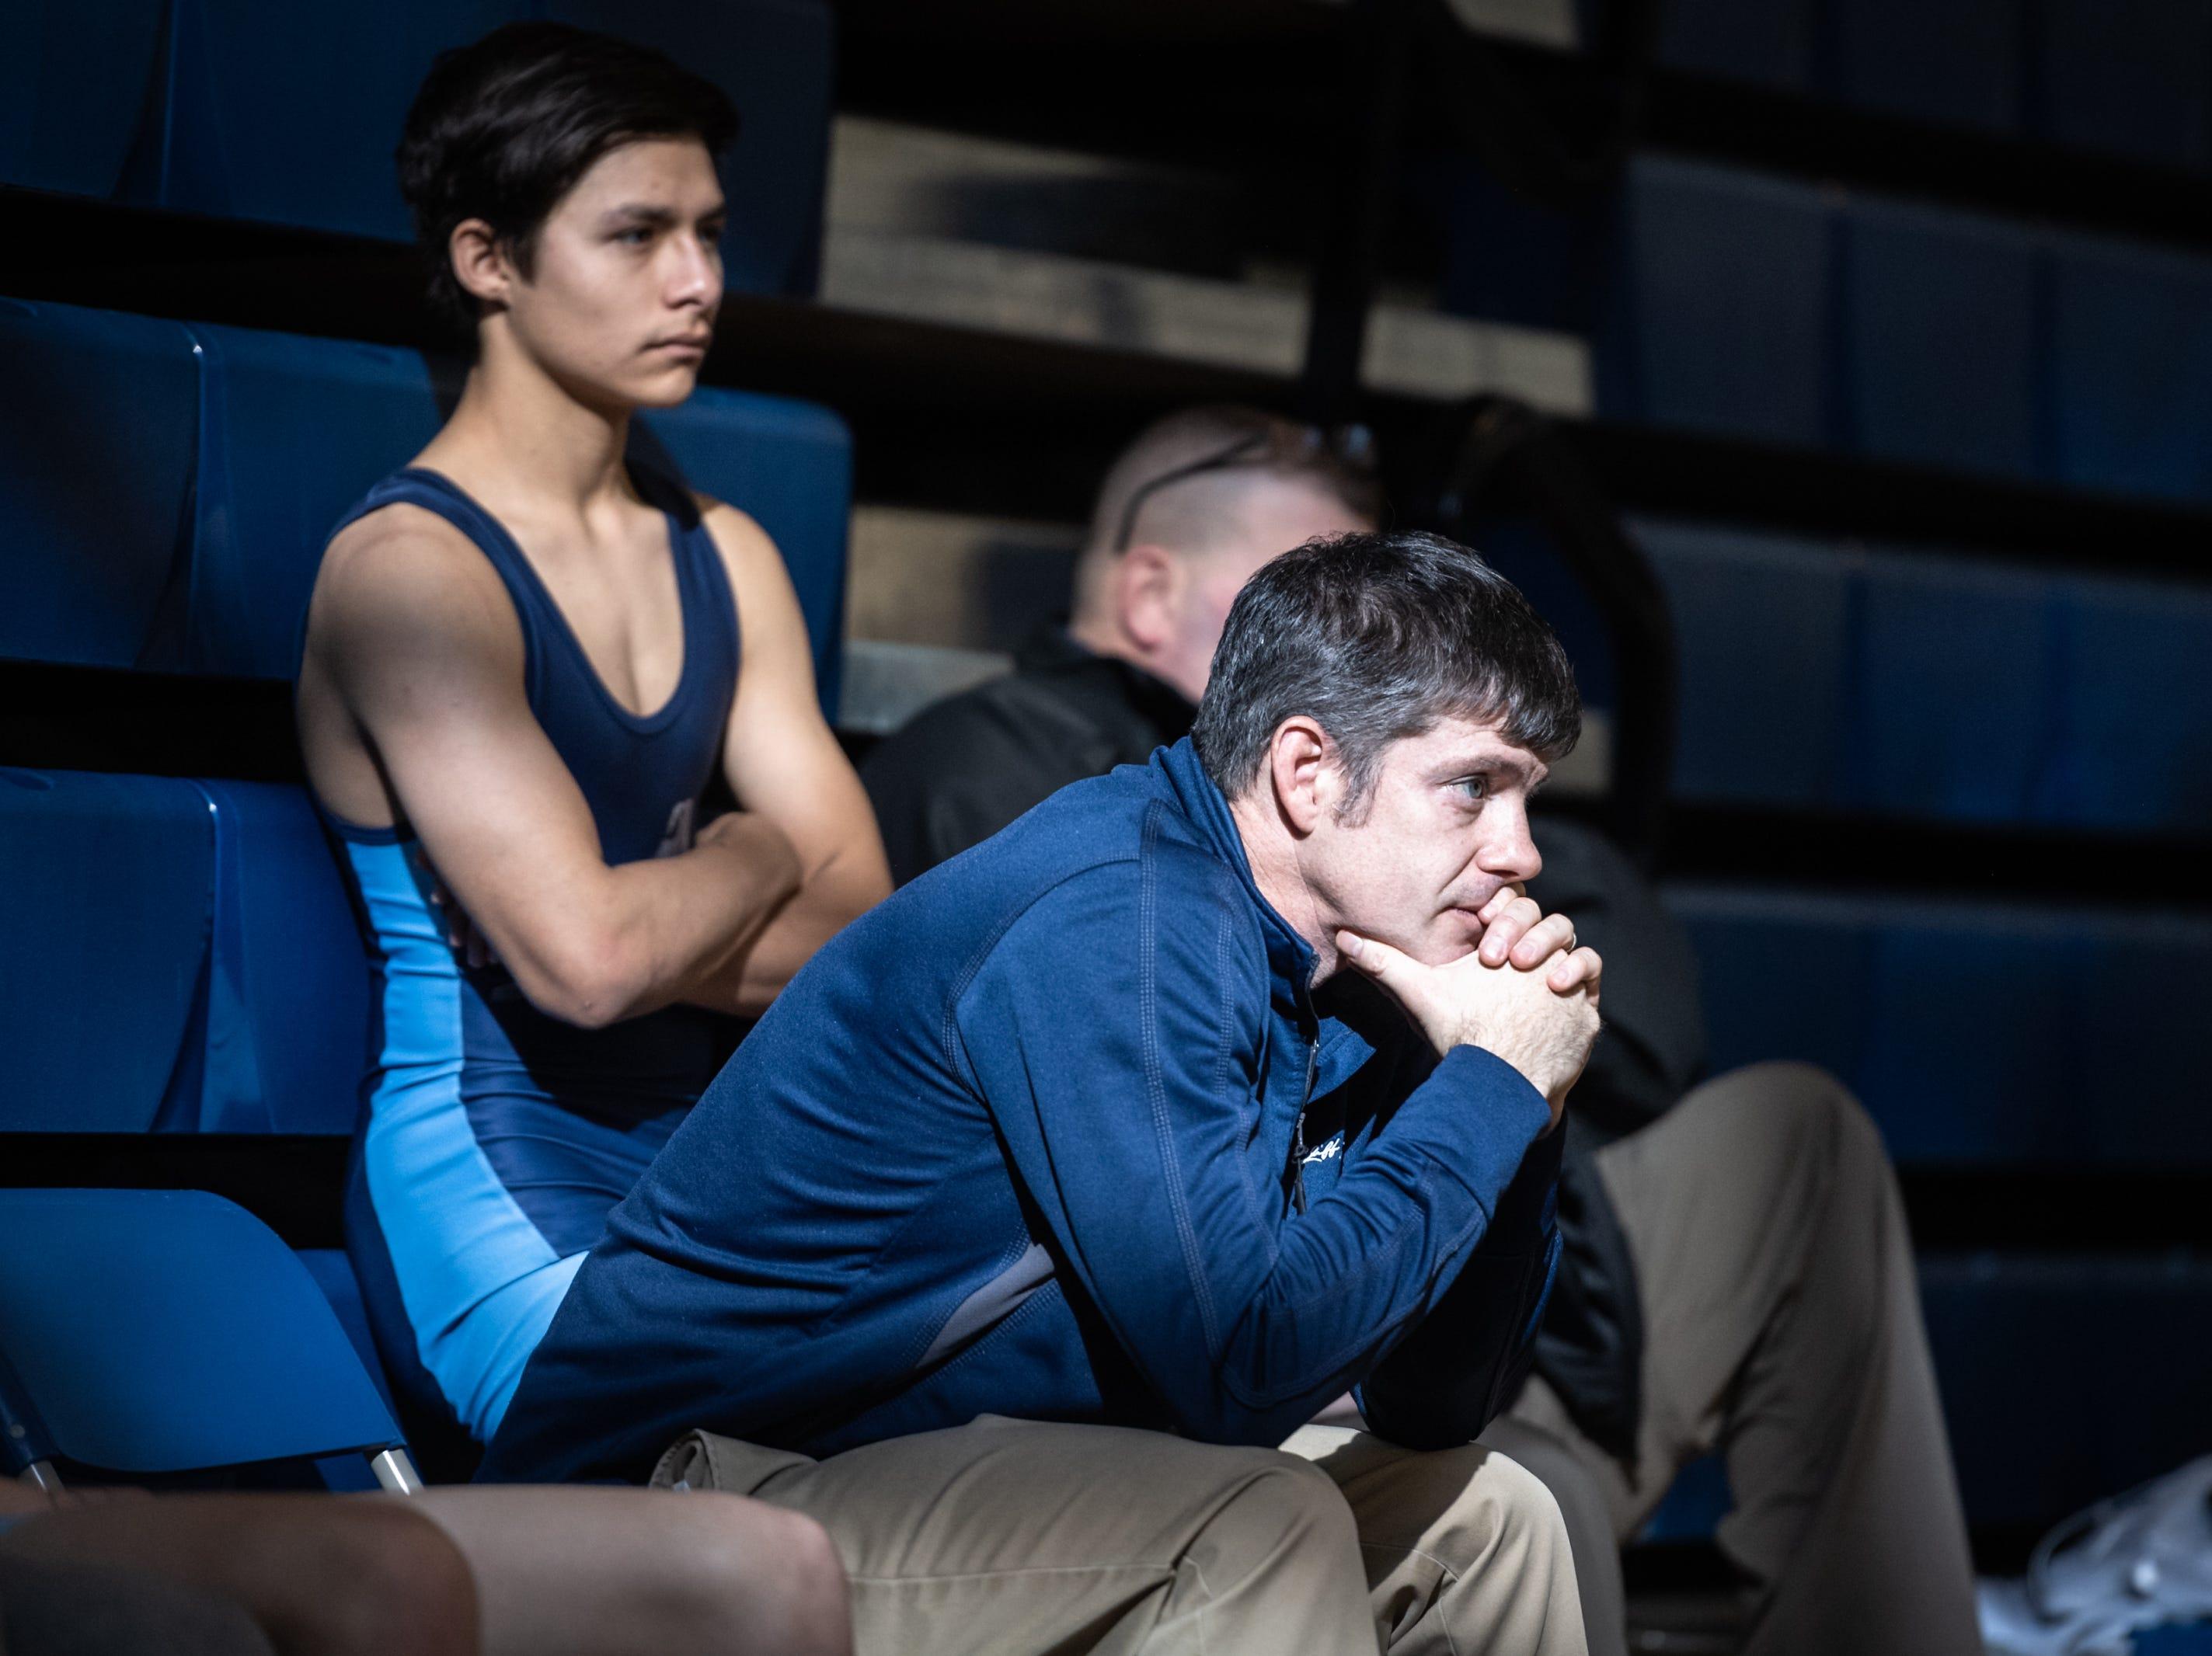 Enka High School wrestling coach, Mark Harris watches a match during Eblen Charities' Headlock on Hunger wrestling tournament at Enka High School Jan. 5, 2018.